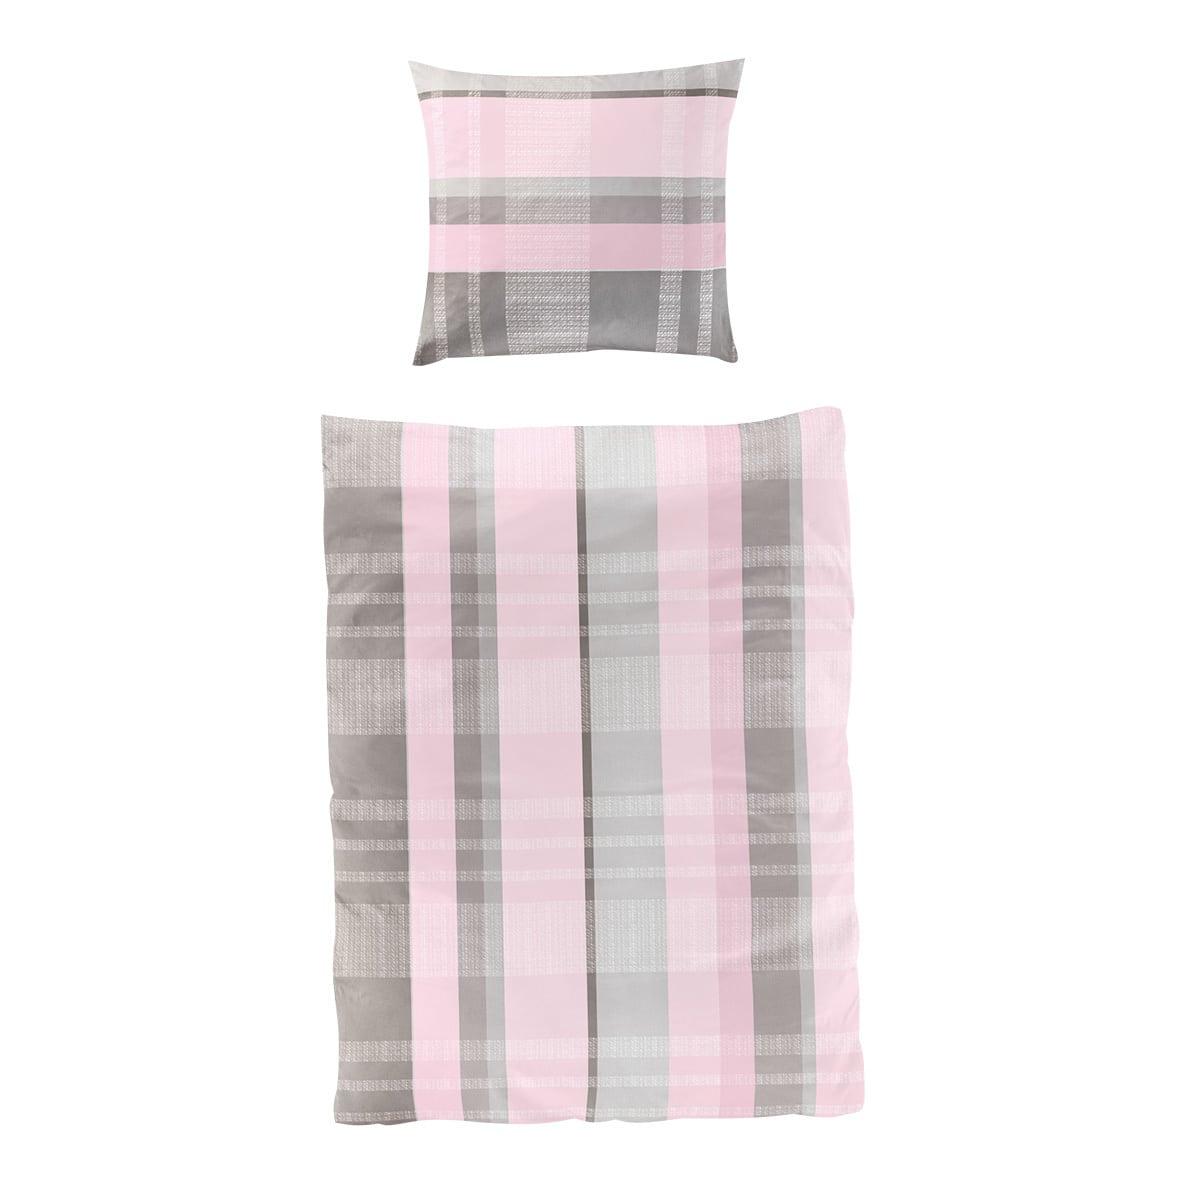 bierbaum single jersey bettw sche 3017 rosa g nstig online kaufen bei bettwaren shop. Black Bedroom Furniture Sets. Home Design Ideas